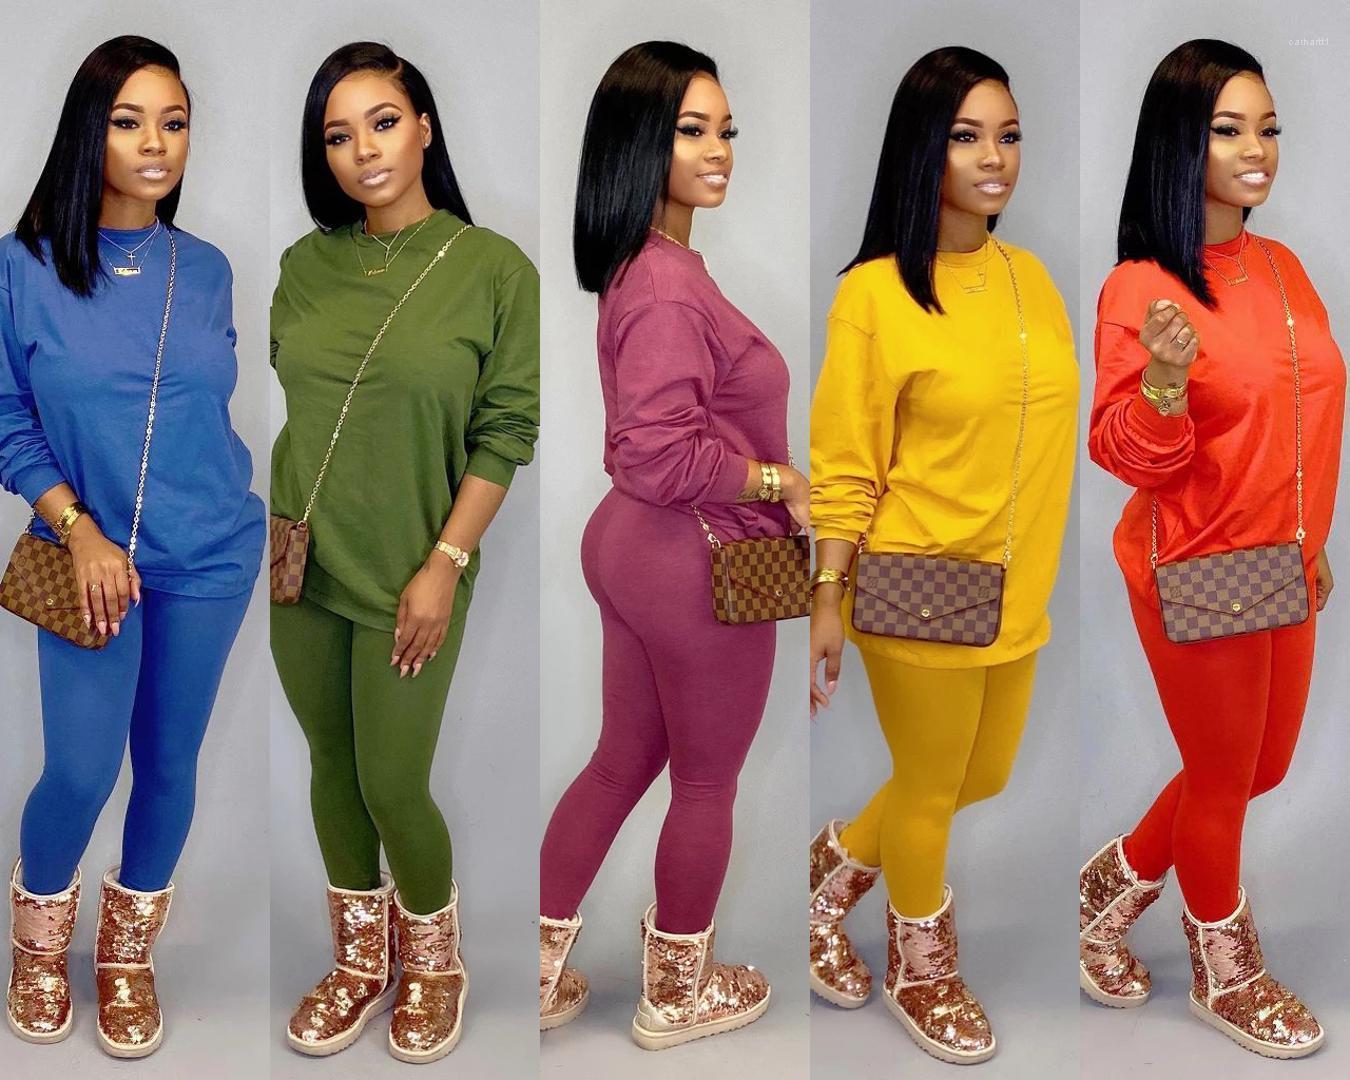 Şeker Renk Spor Sıcak Kadınlar İki Parça Setler Kadın Orta Bel Uzun Pantolon 2PCS Tops Casual Tulumlar Bayanlar İki adet Kıyafet Suits Wear